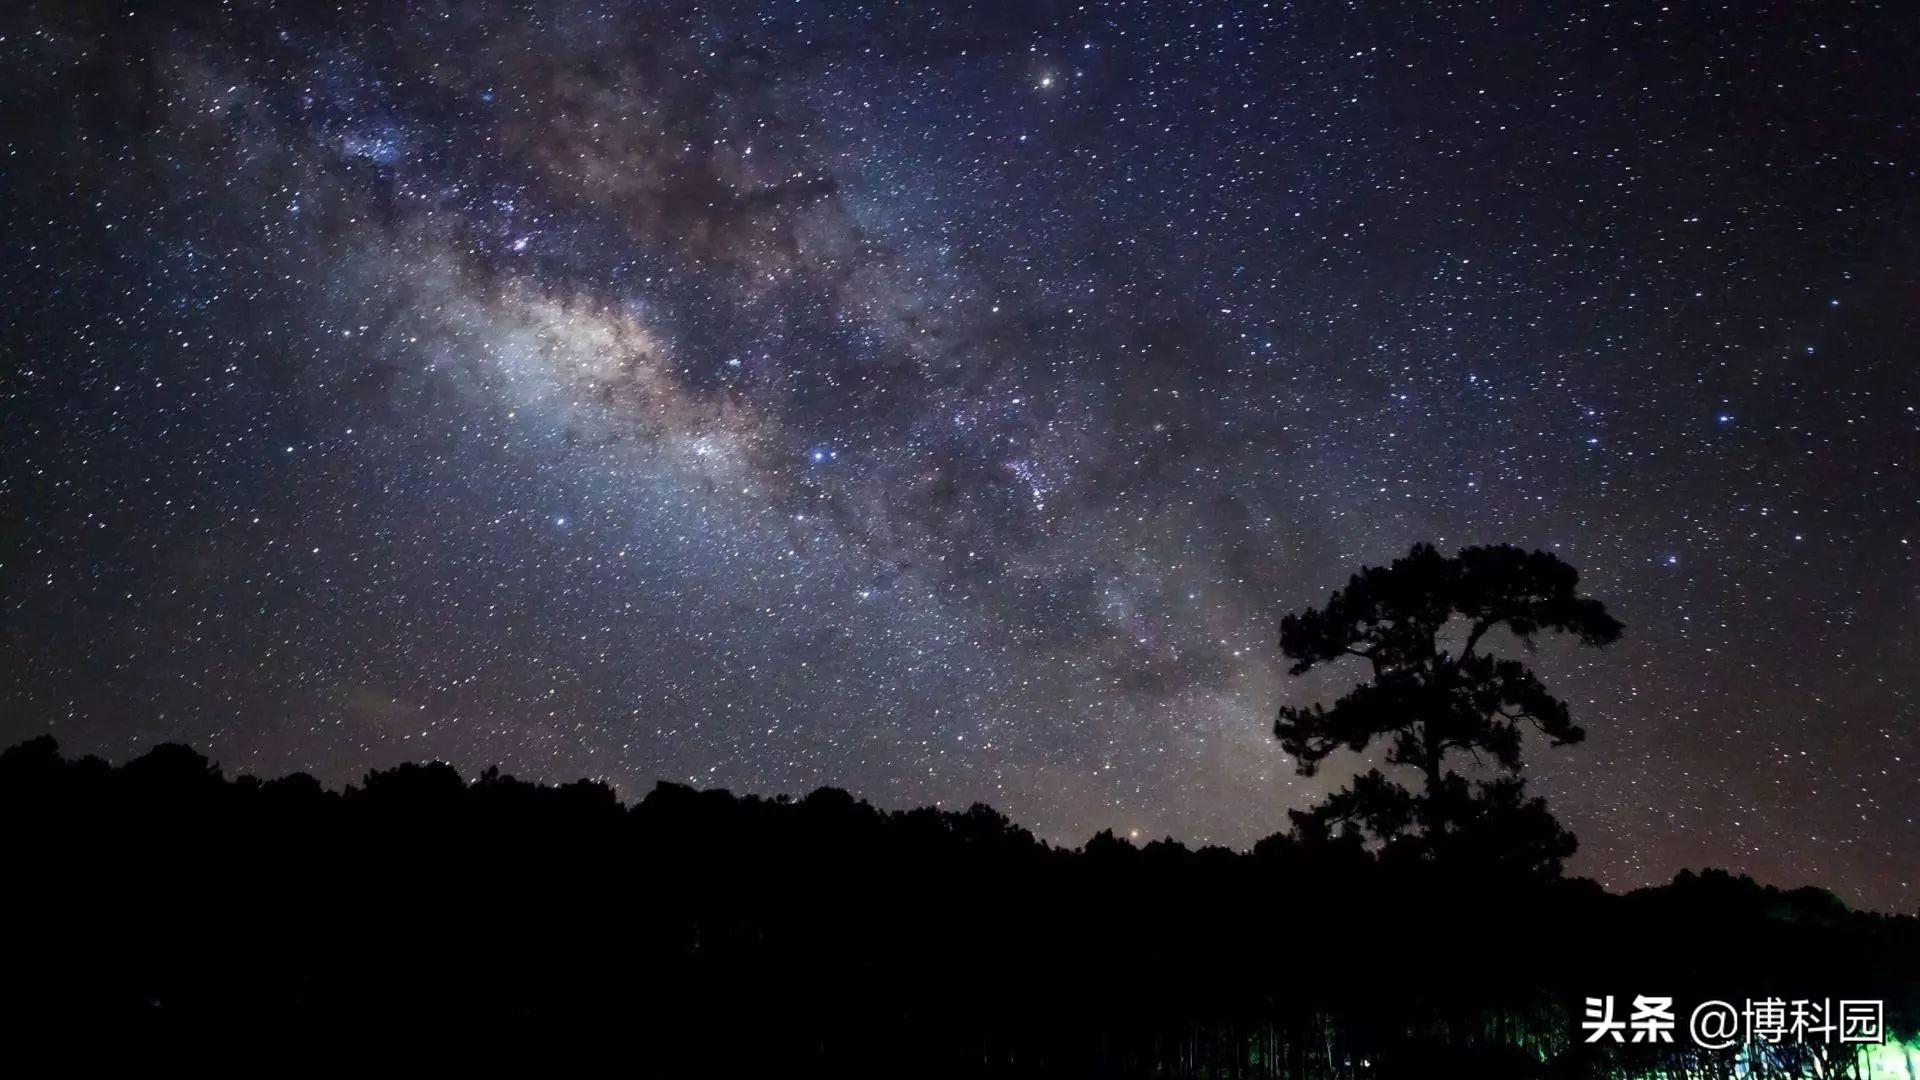 如果在这个情人节,和对象产生了化学反应,要请她来点天文学不?